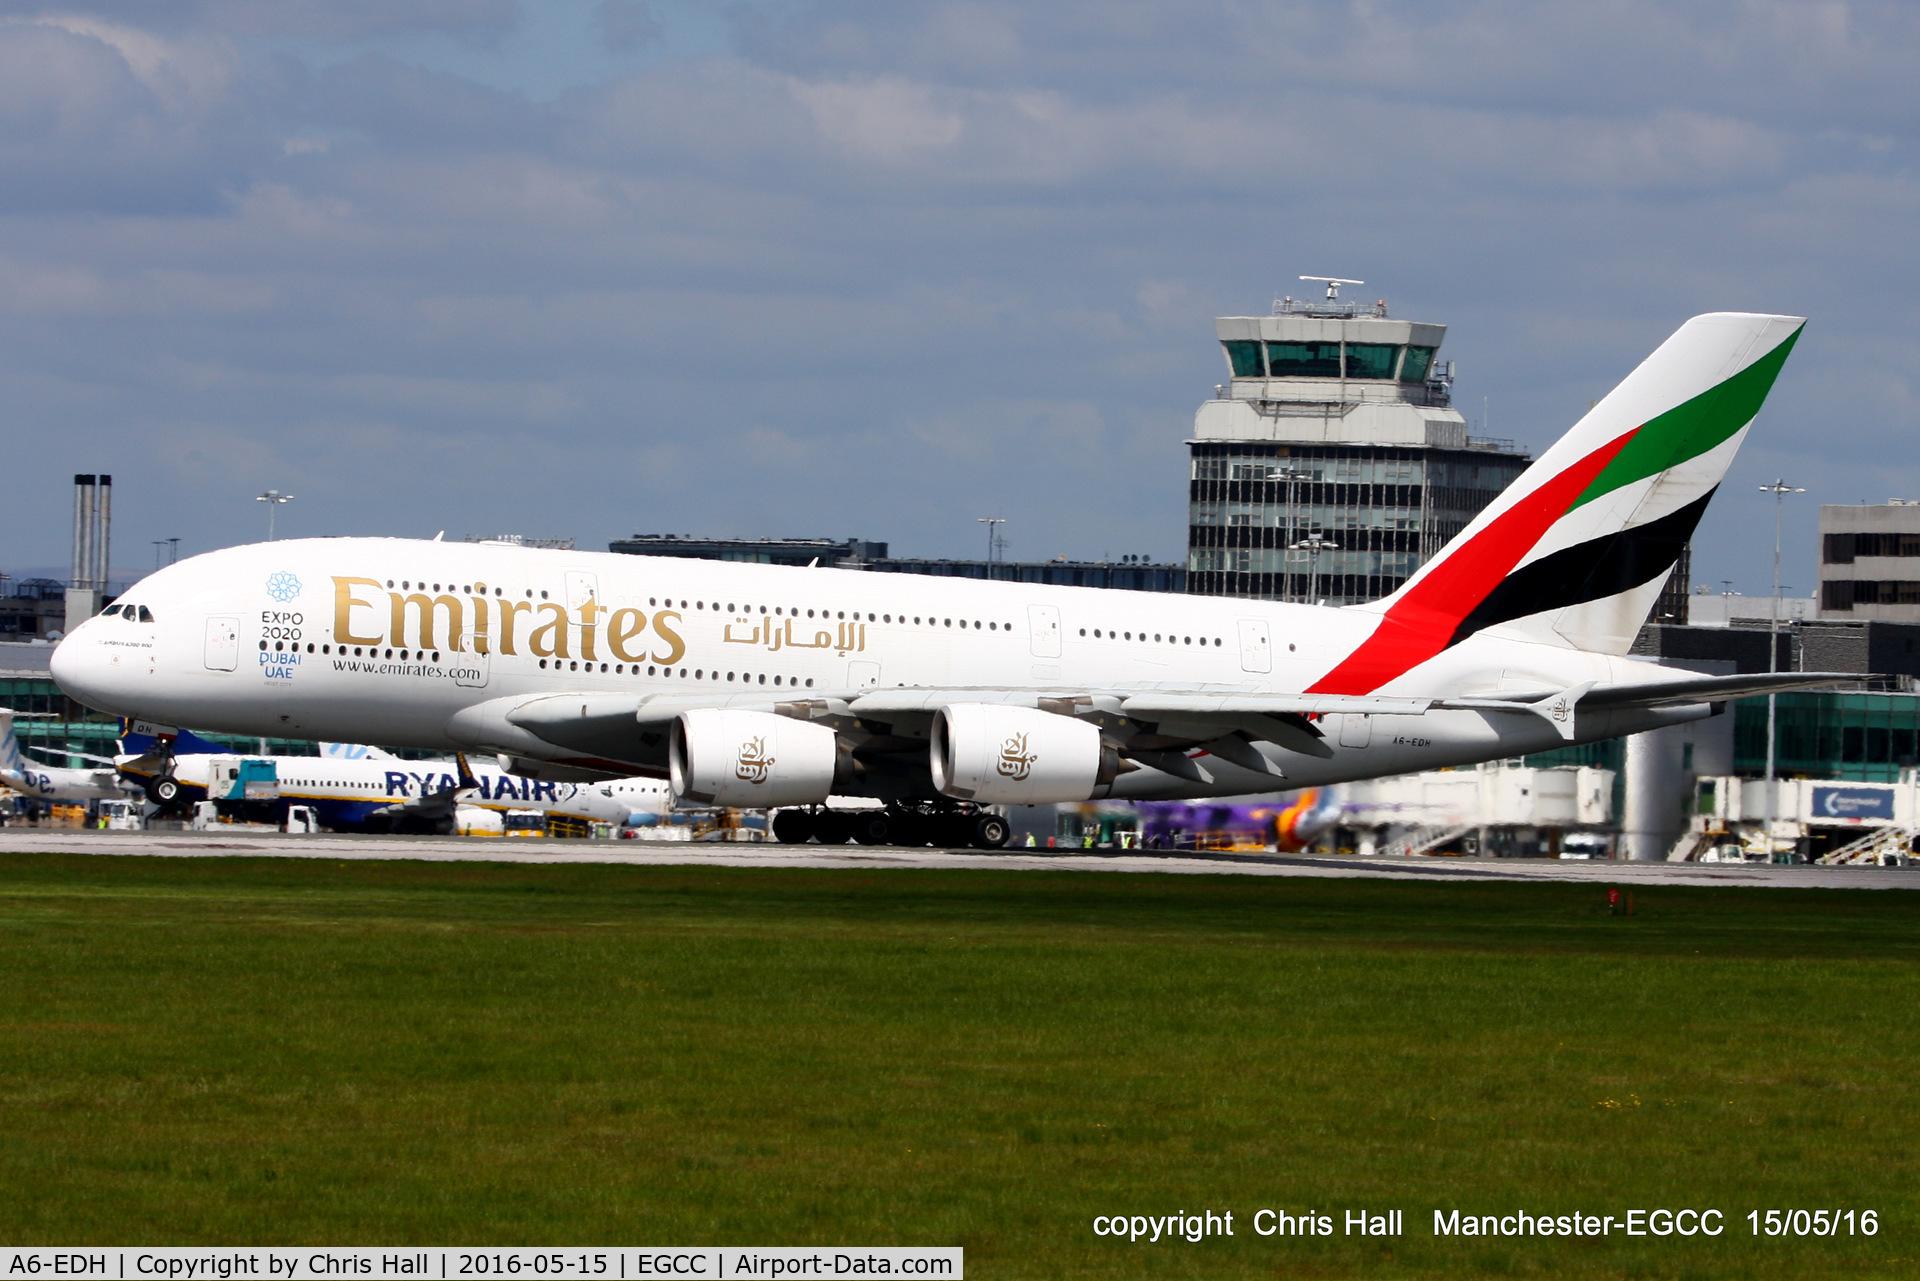 A6-EDH, 2009 Airbus A380-861 C/N 025, Emirates